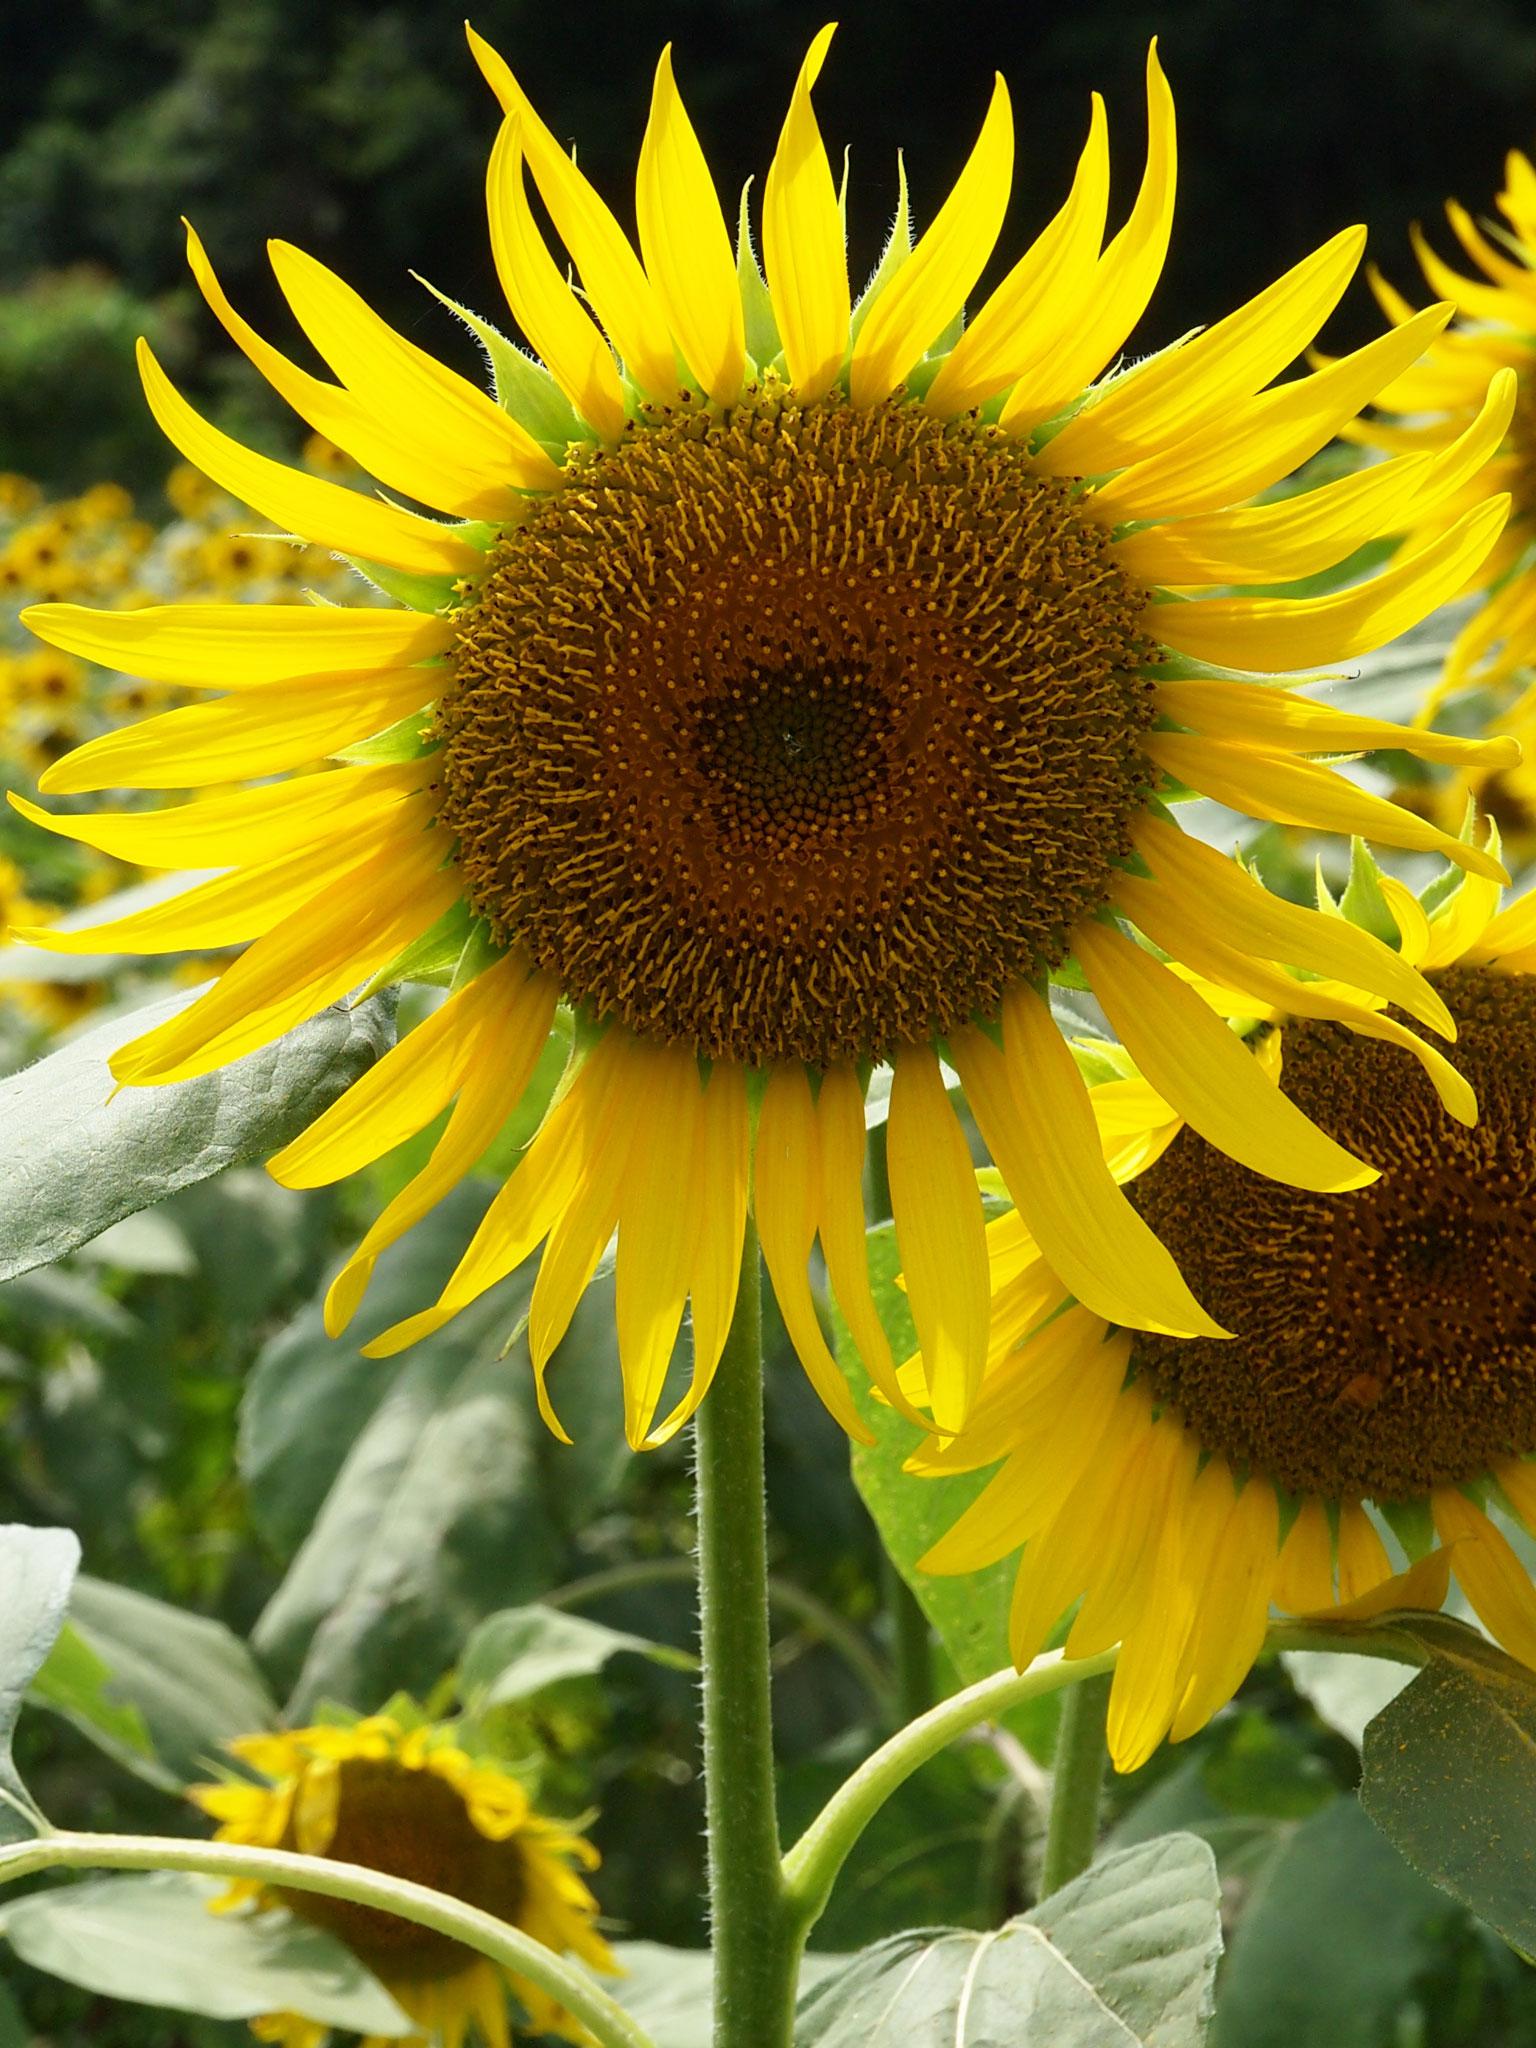 四季 夏の無料壁紙 夏の風景写真 高解像度 高画質